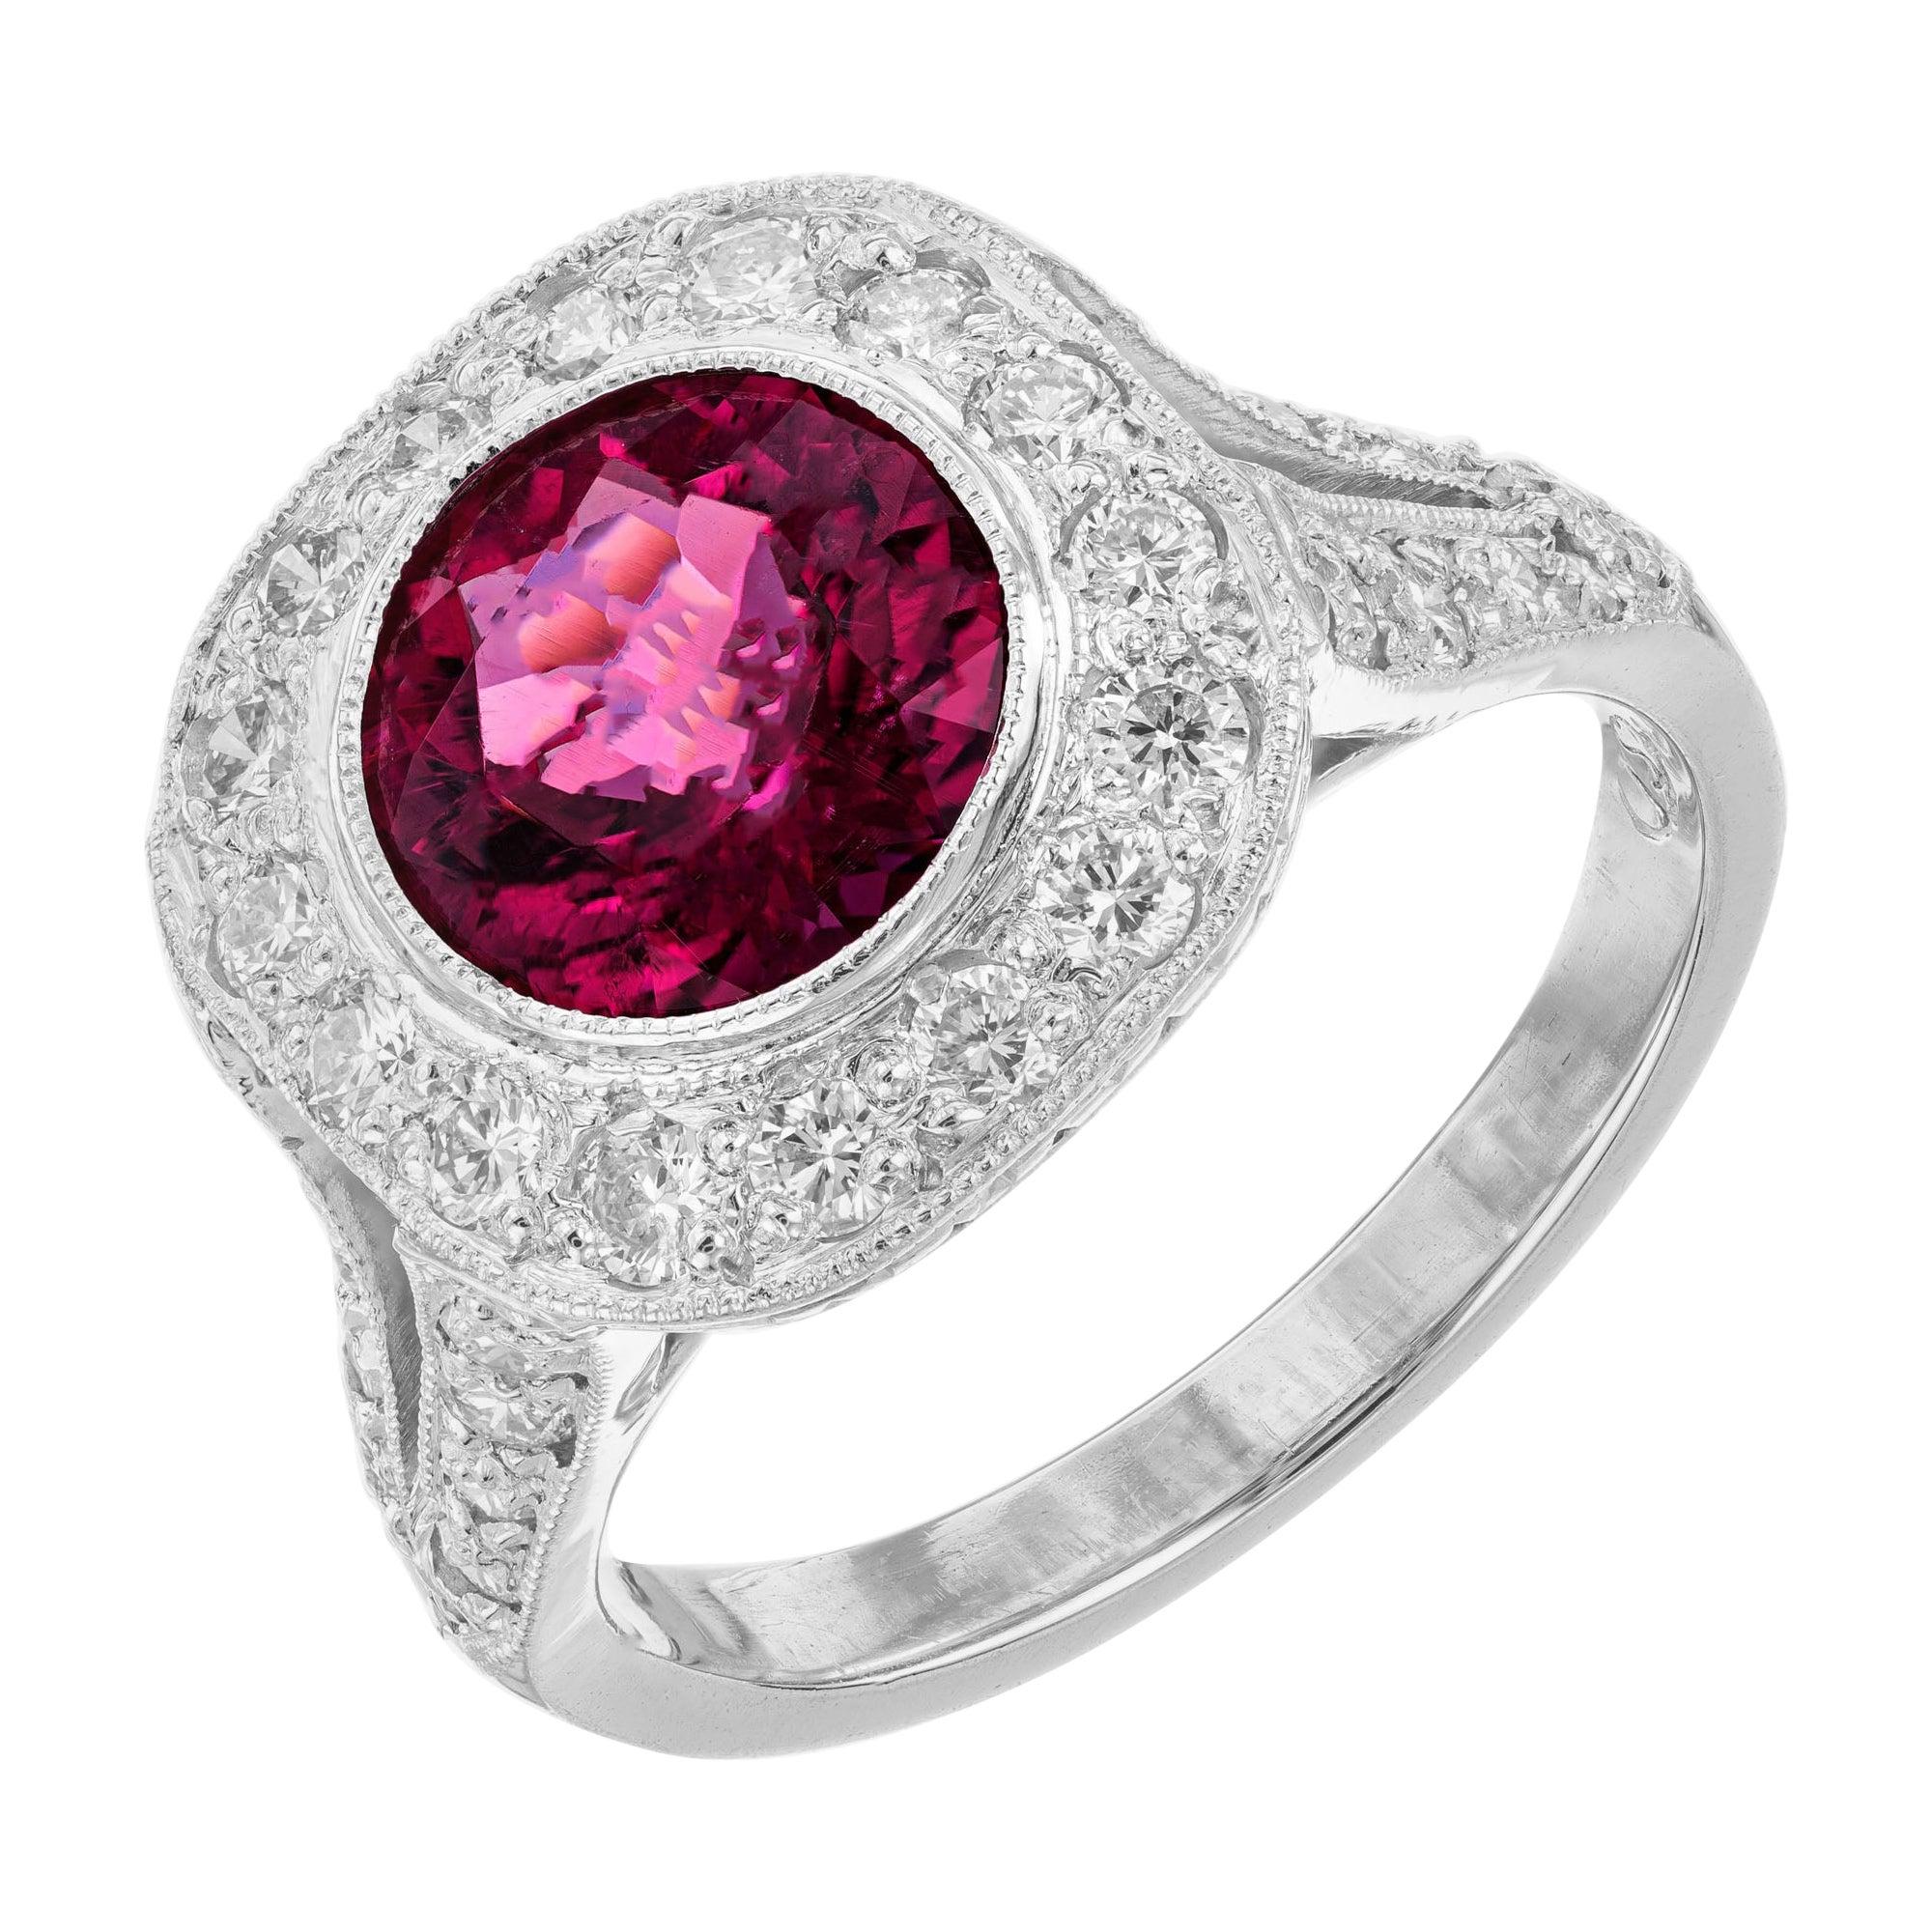 2.20 Carat Pink Red Rubellite Tourmaline Diamond Halo Platinum Engagement Ring